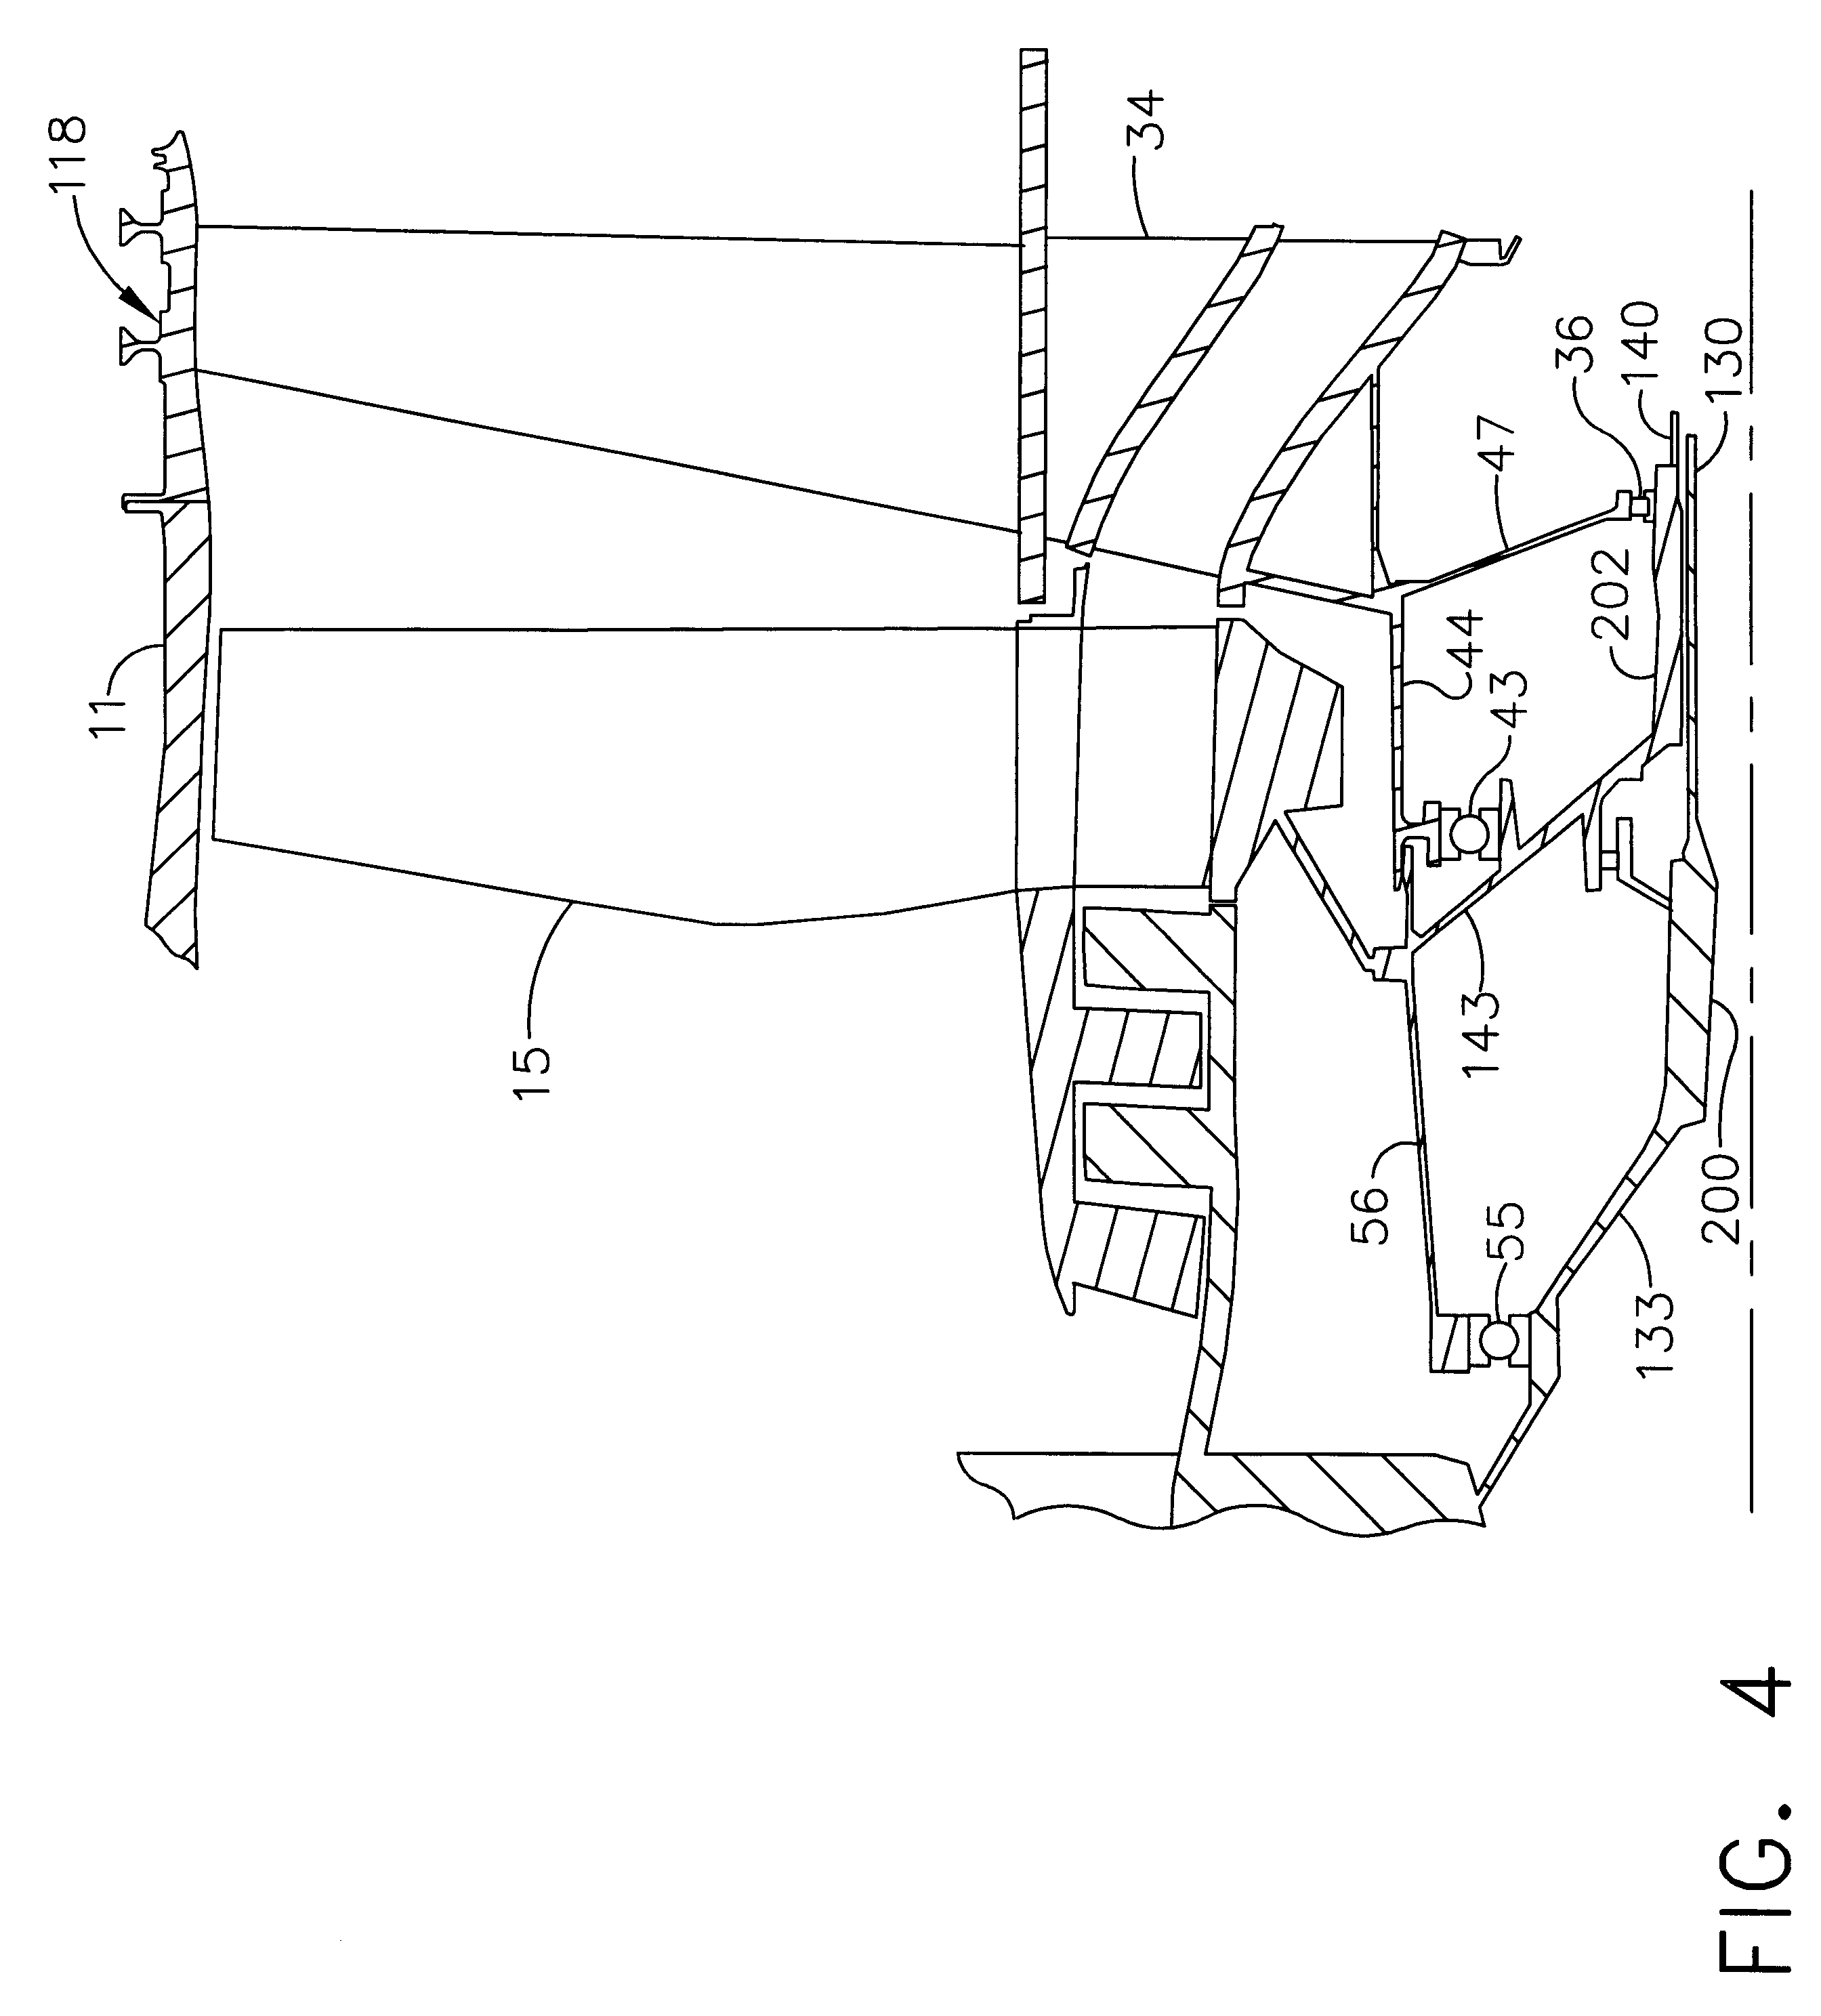 patent us6619030